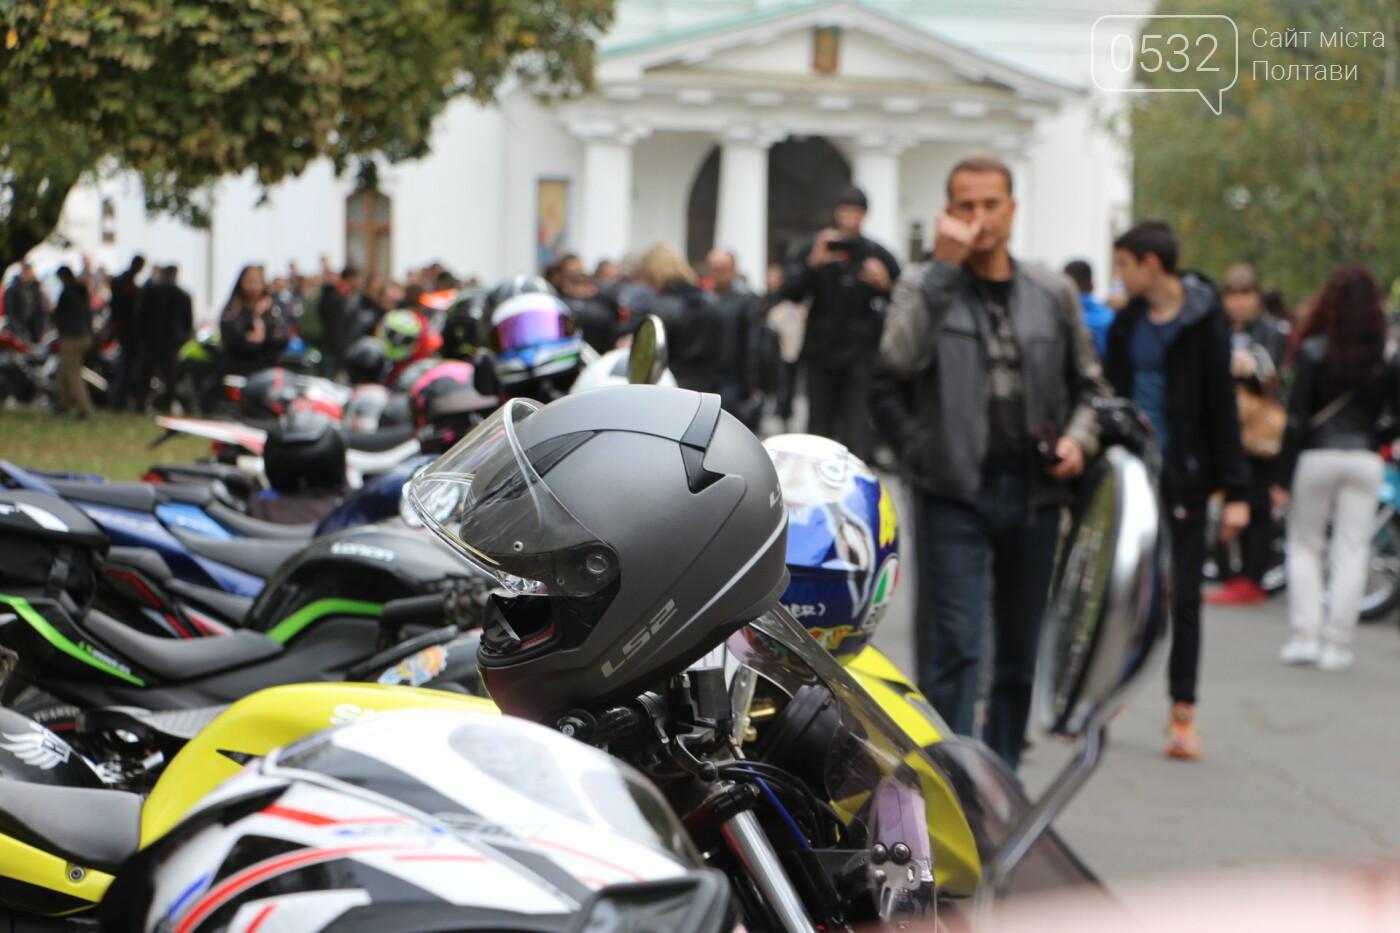 У Полтаві сотні байкерів приїхали на закриття мотосезону (ФОТОРЕПОРТАЖ), фото-11